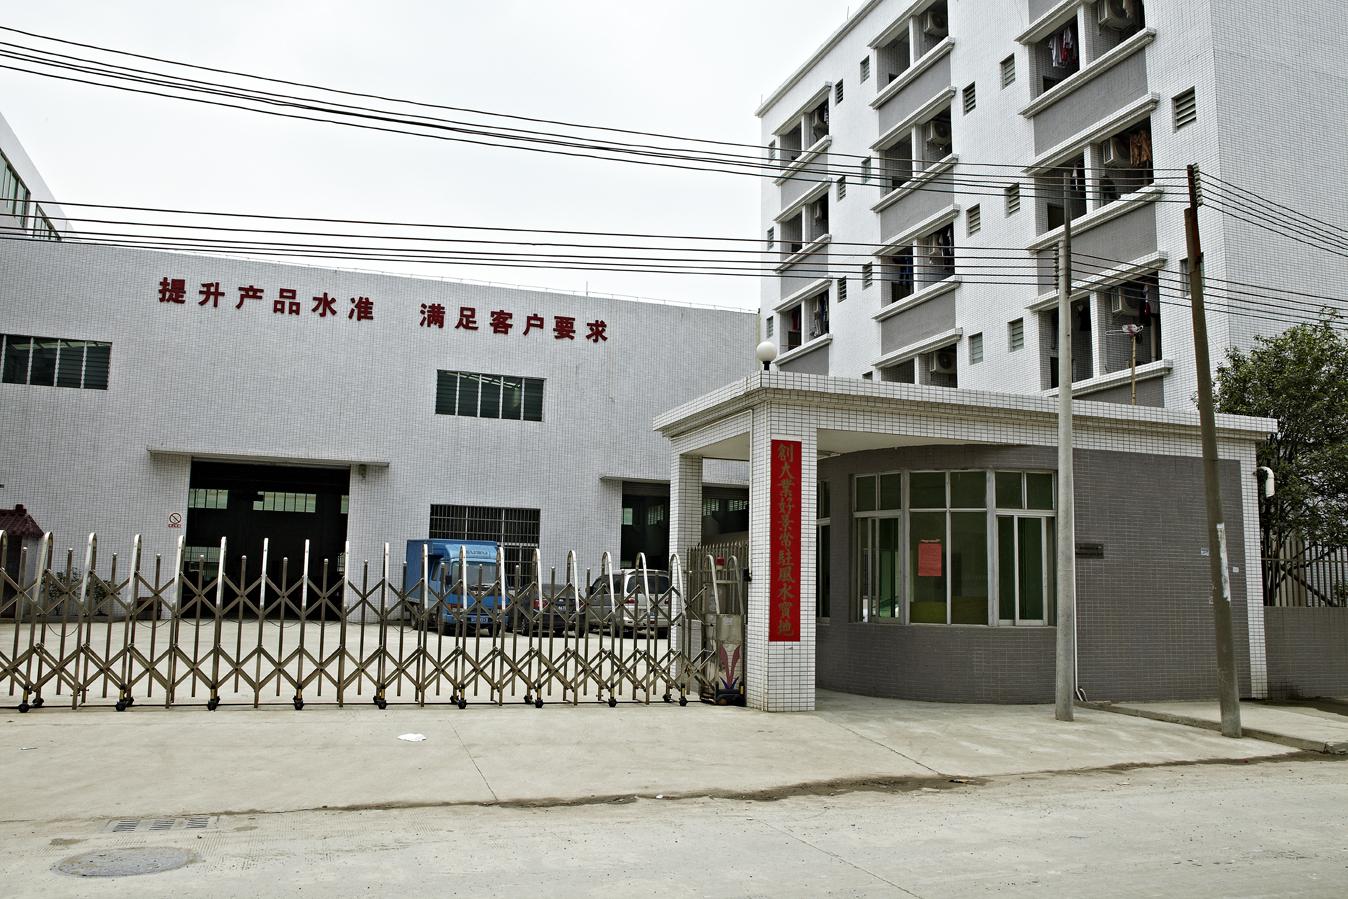 Fabriek prijs directe commerciële en home uvc sterilisator UV lamp sterilisator uitverkoop